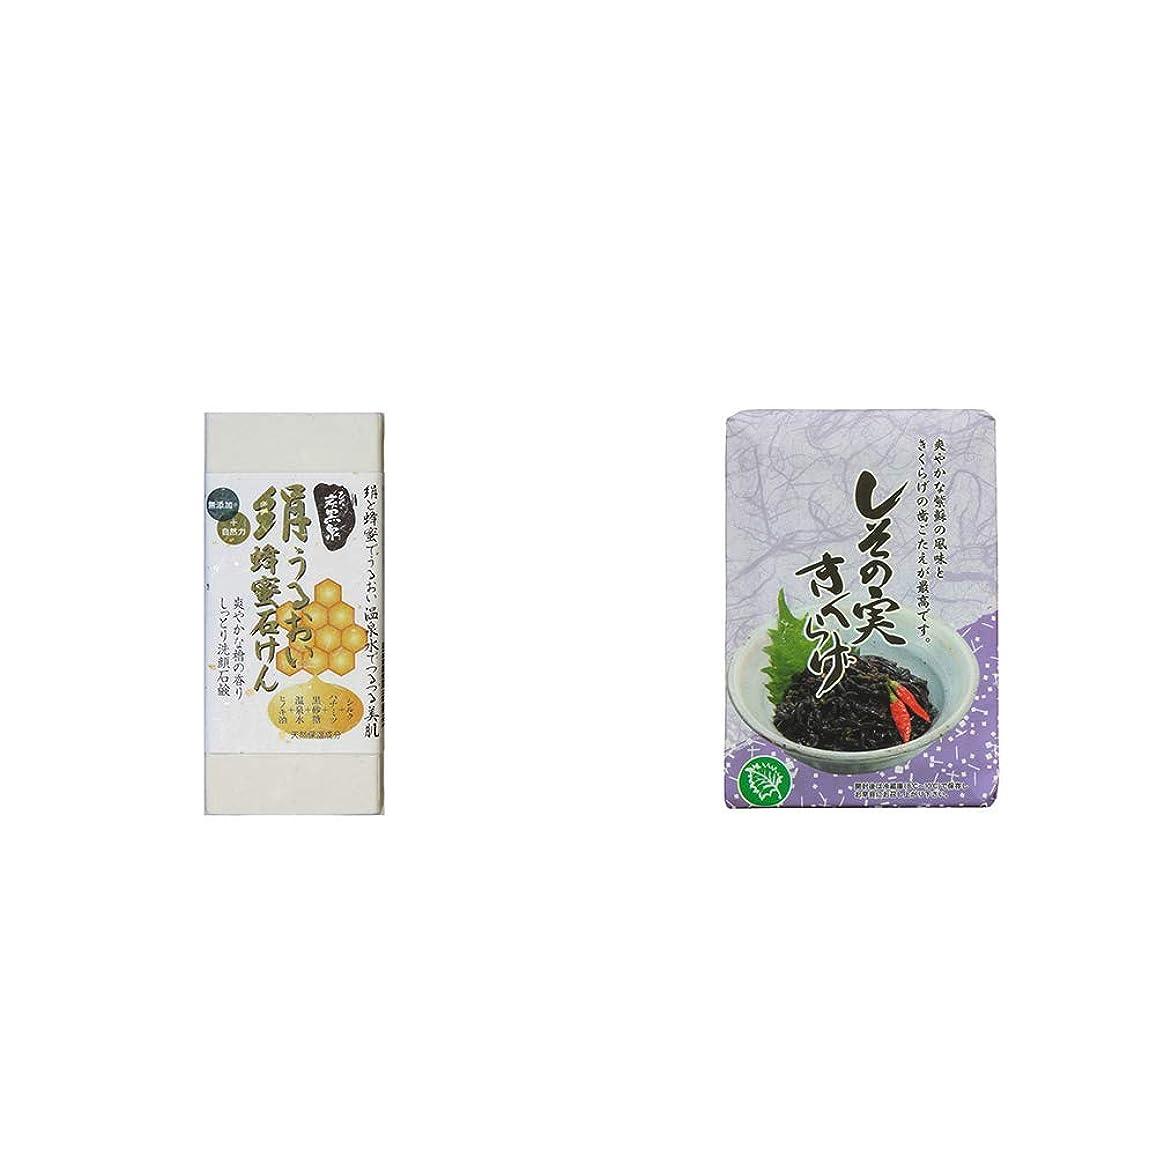 ゴミ箱利用可能なかなか[2点セット] ひのき炭黒泉 絹うるおい蜂蜜石けん(75g×2)?しその実 きくらげ(200g)